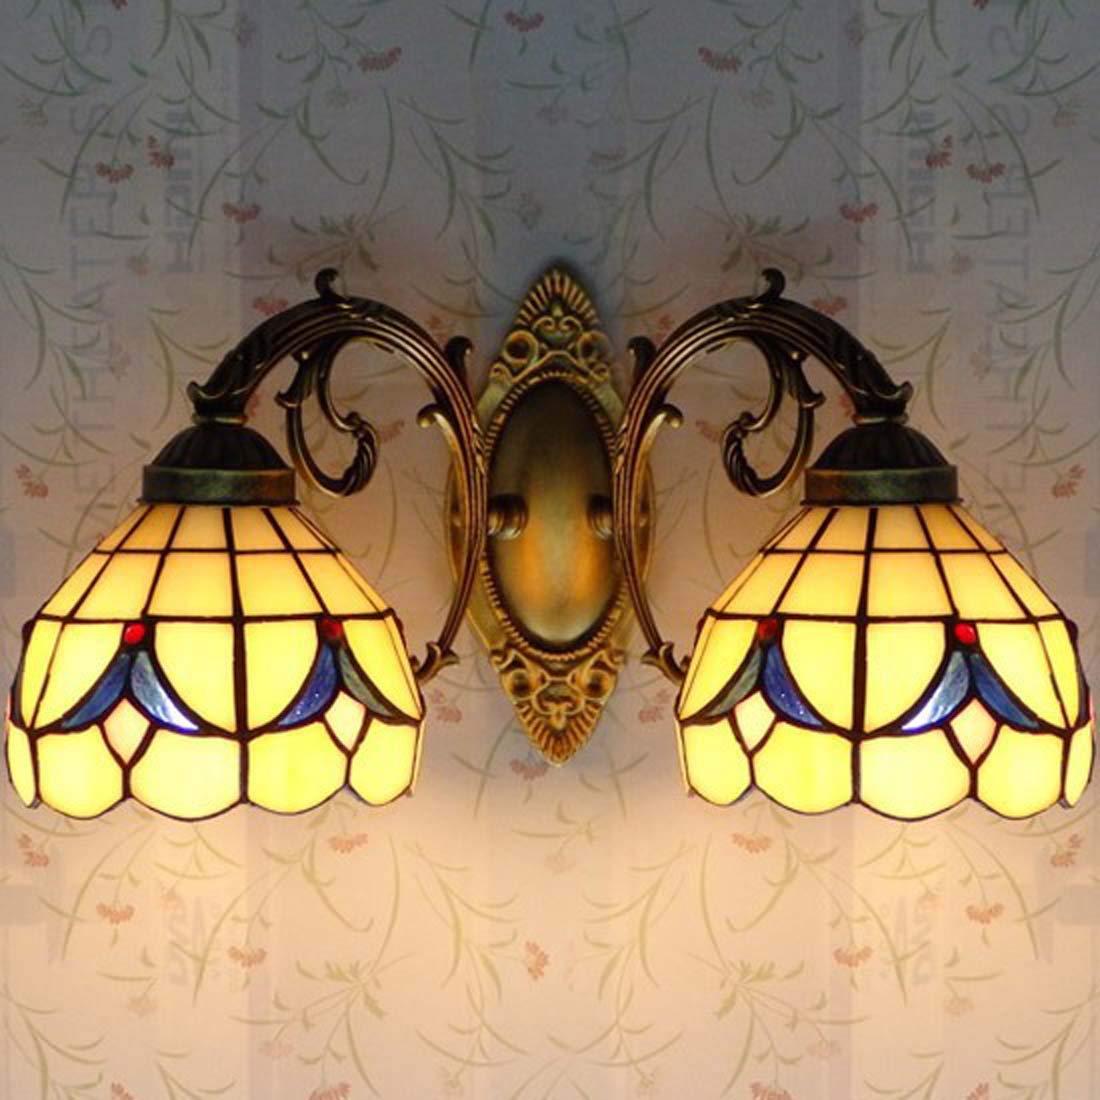 ティファニースタイルウォールランプ、LEDステンドグラス壁取り付け用燭台ライト、アメリカンシンプルリビングルームのベッドルームデコレーションベッドサイドランプ、E27 110-240V (色 : 黄) B07R685C3B 黄